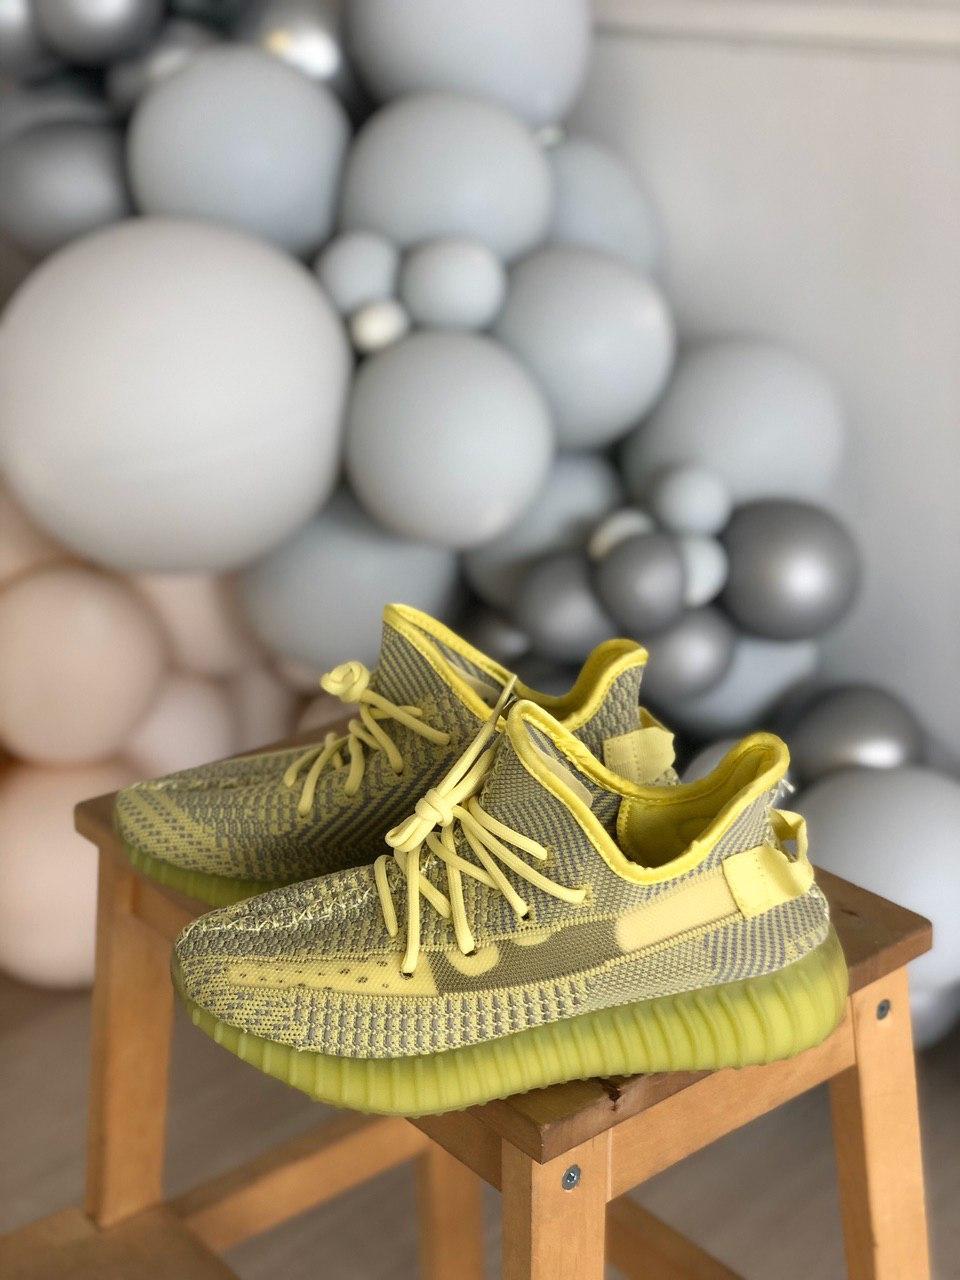 Женские кроссовки Adidas Yeezy Boost 350, Реплика